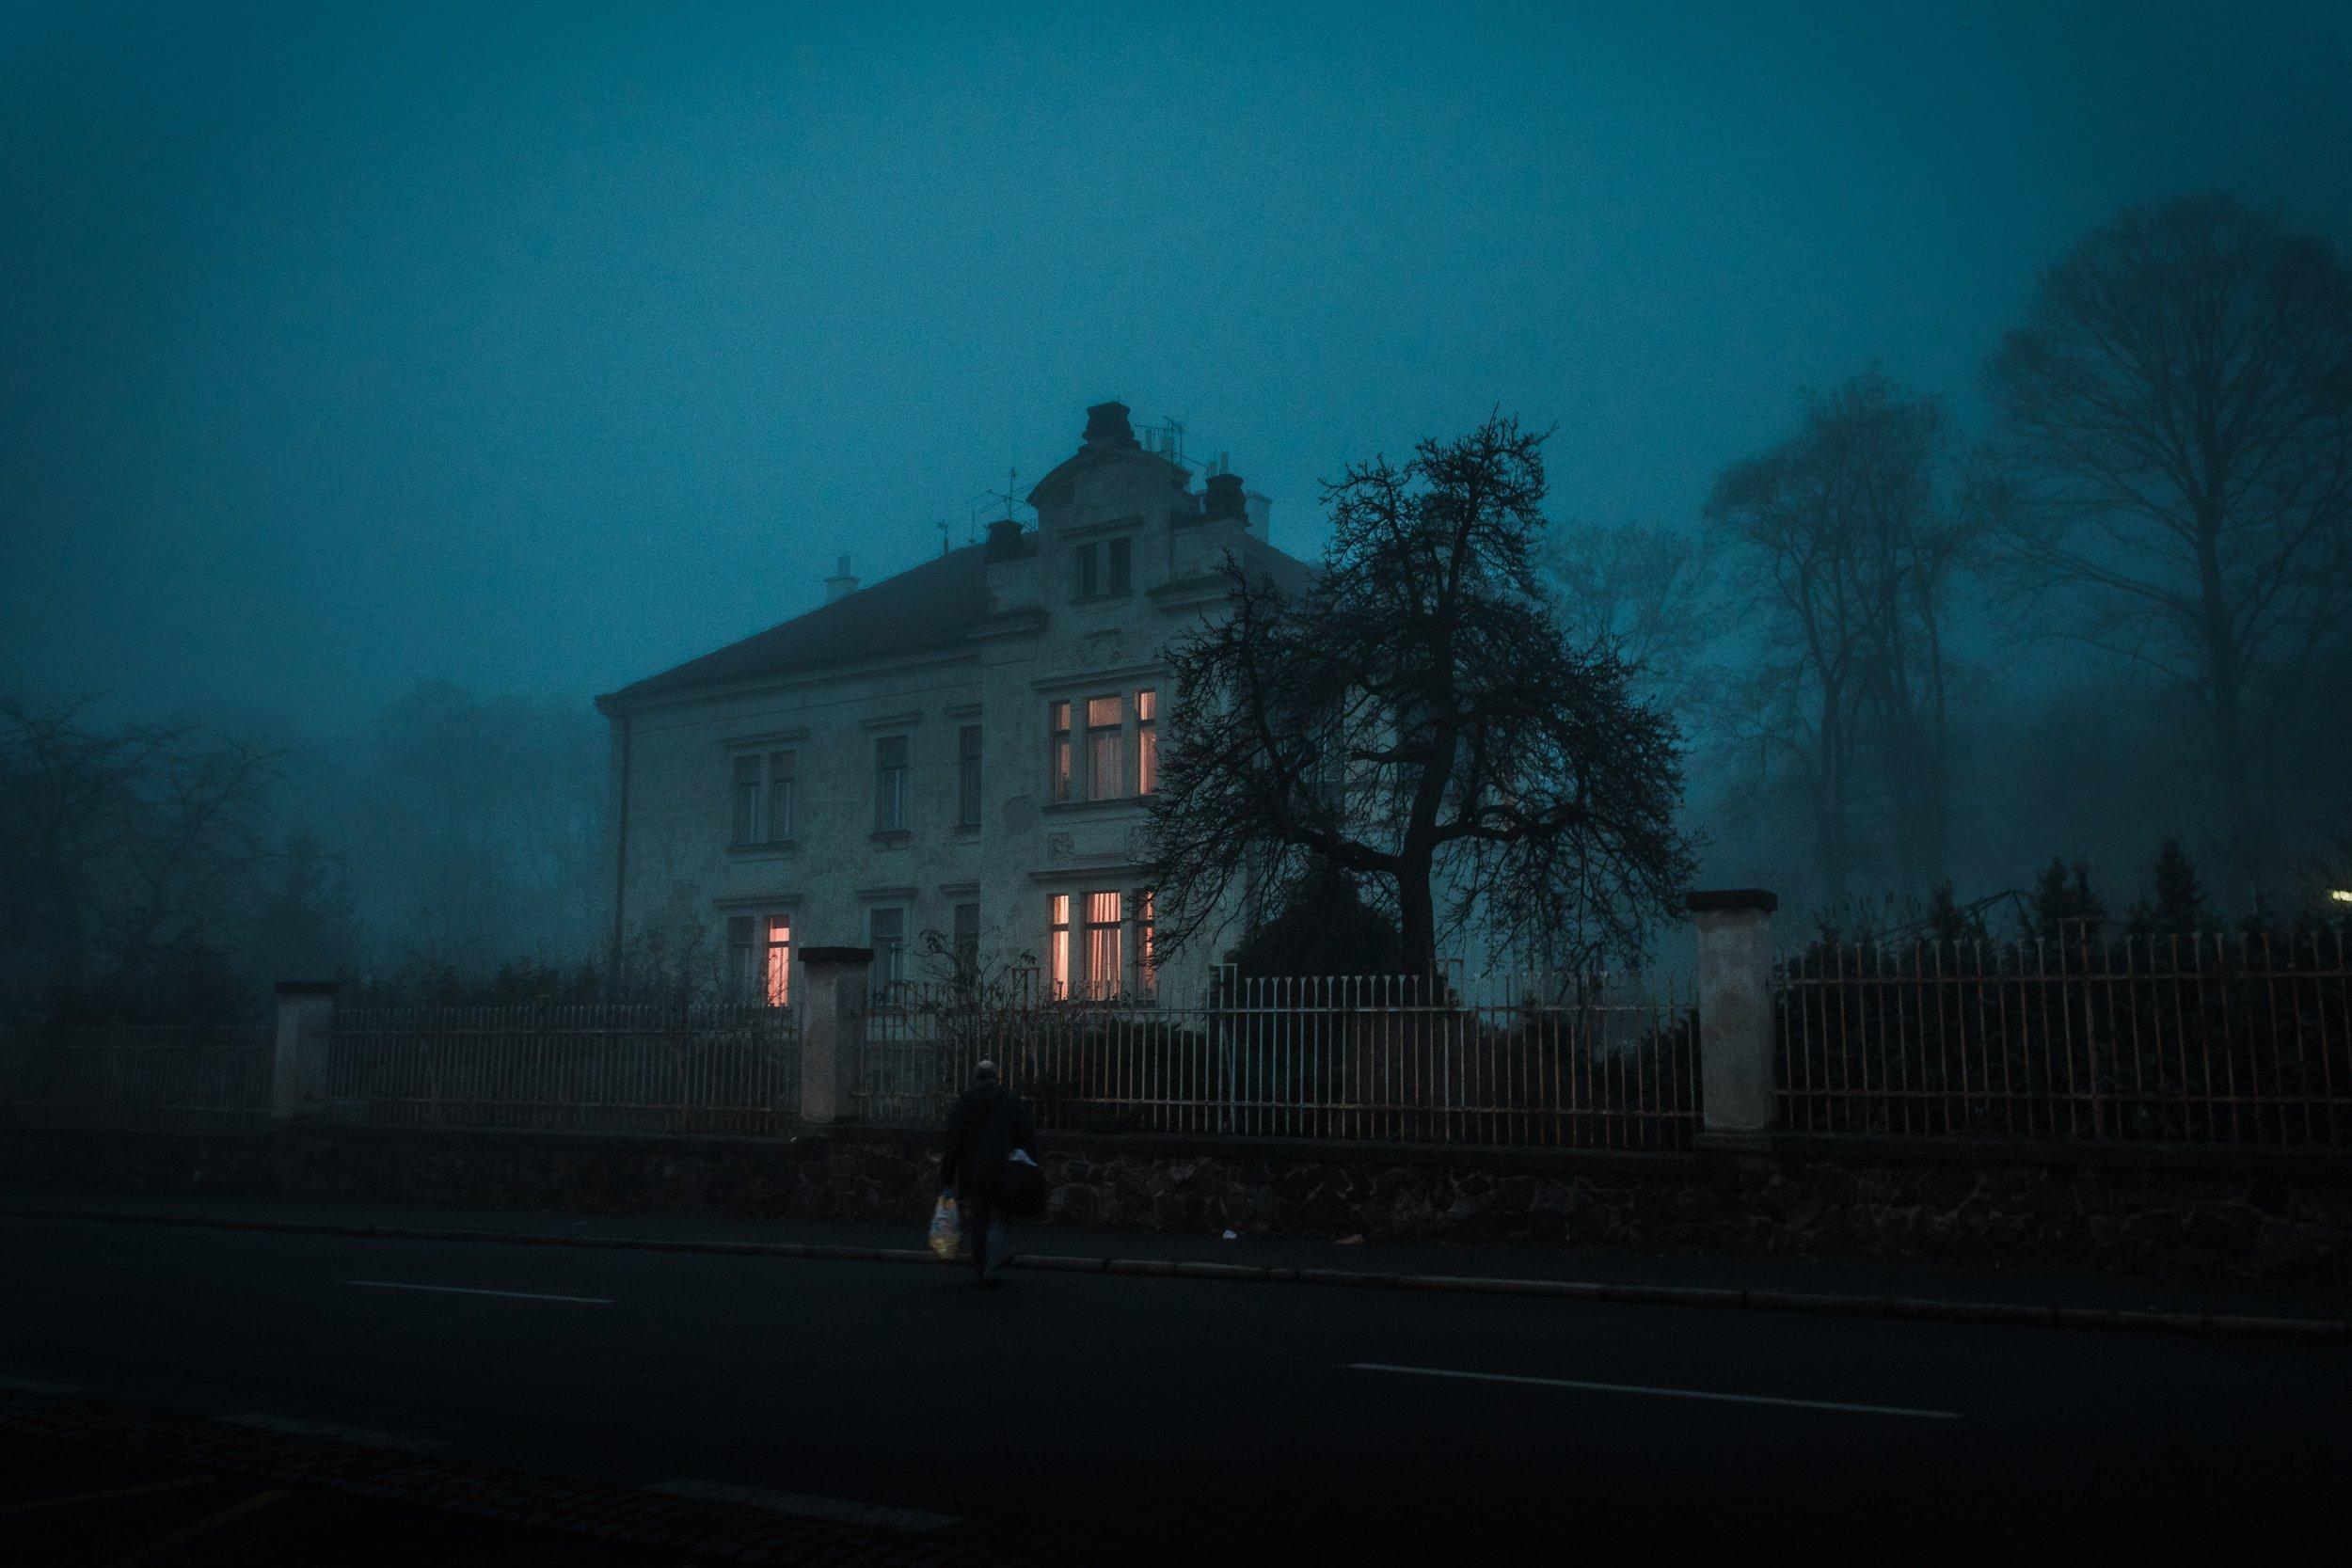 Photo by  Ján Jakub Naništa  on  Unsplash